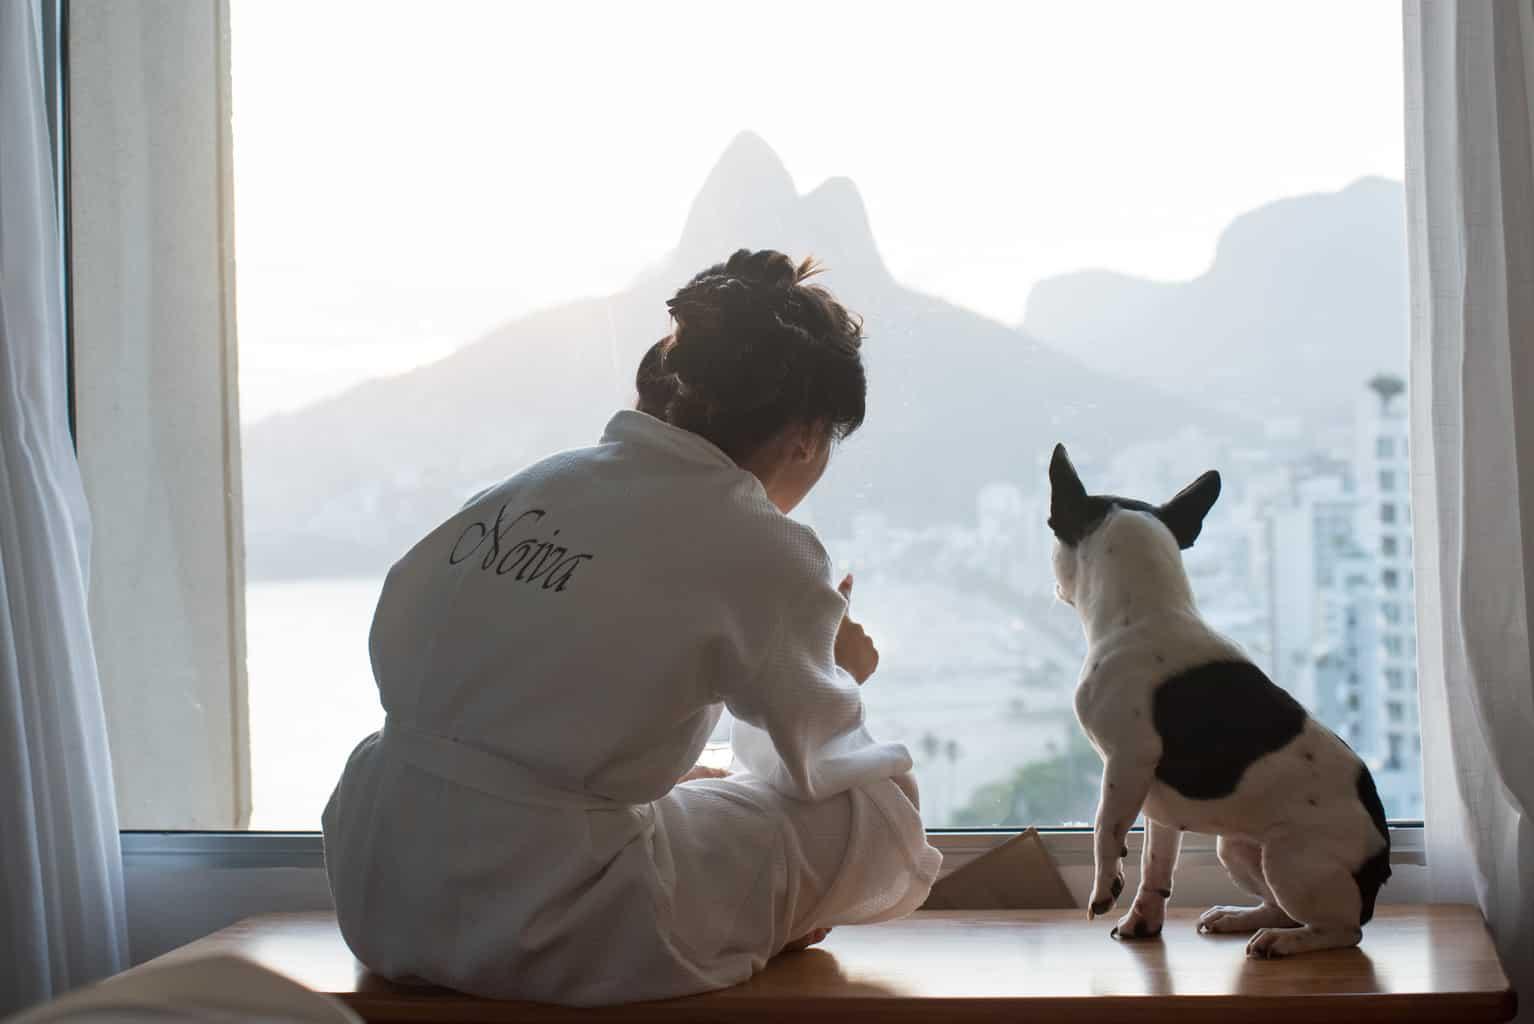 casamenot-Carolina-e-Thiago-casamento-clássico-Rio-de-Janeiro-Fotografia-Marina-Fava90